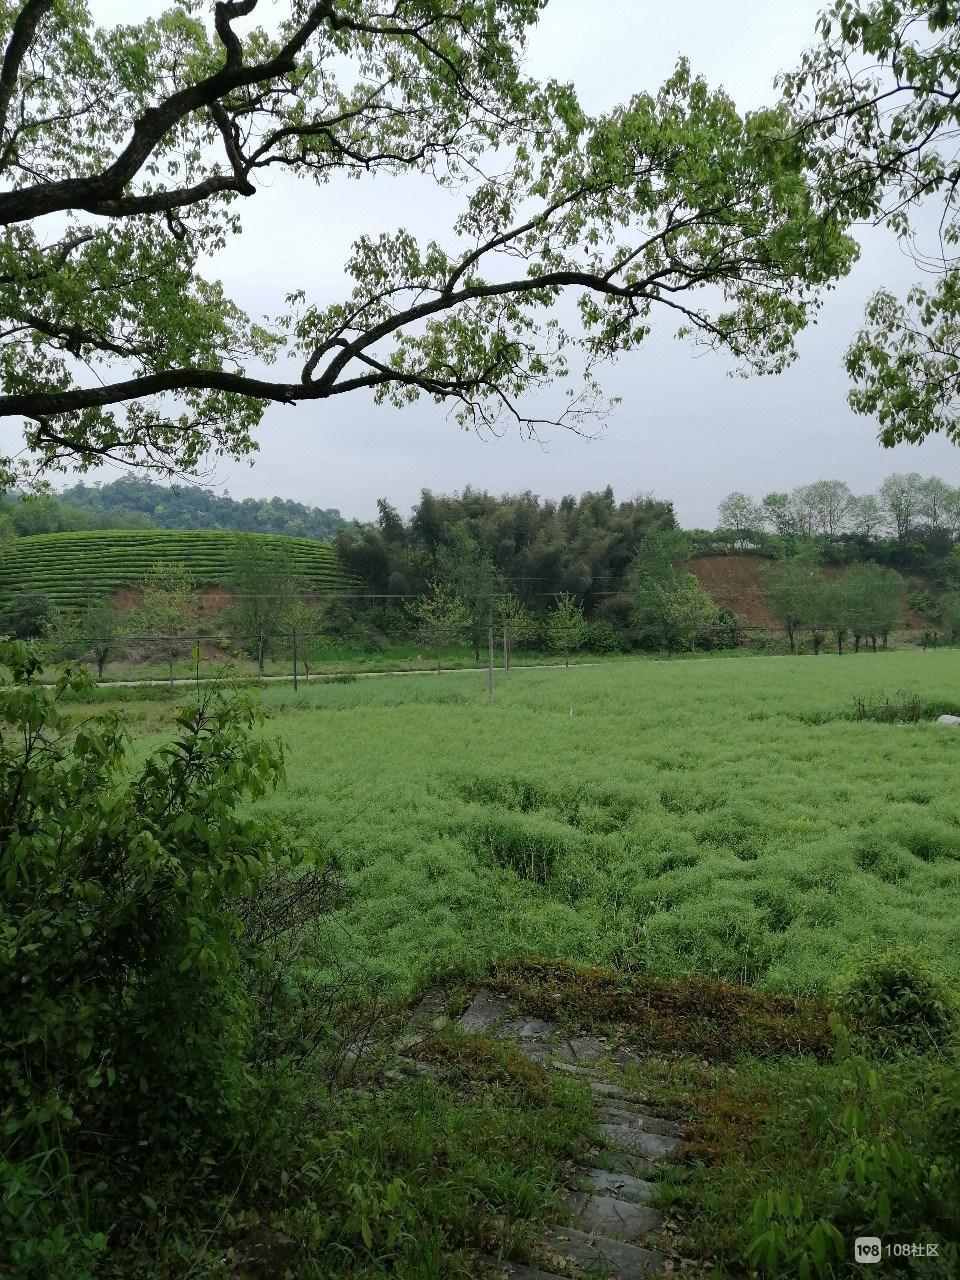 四月的郊外 空气清新 满眼绿色!